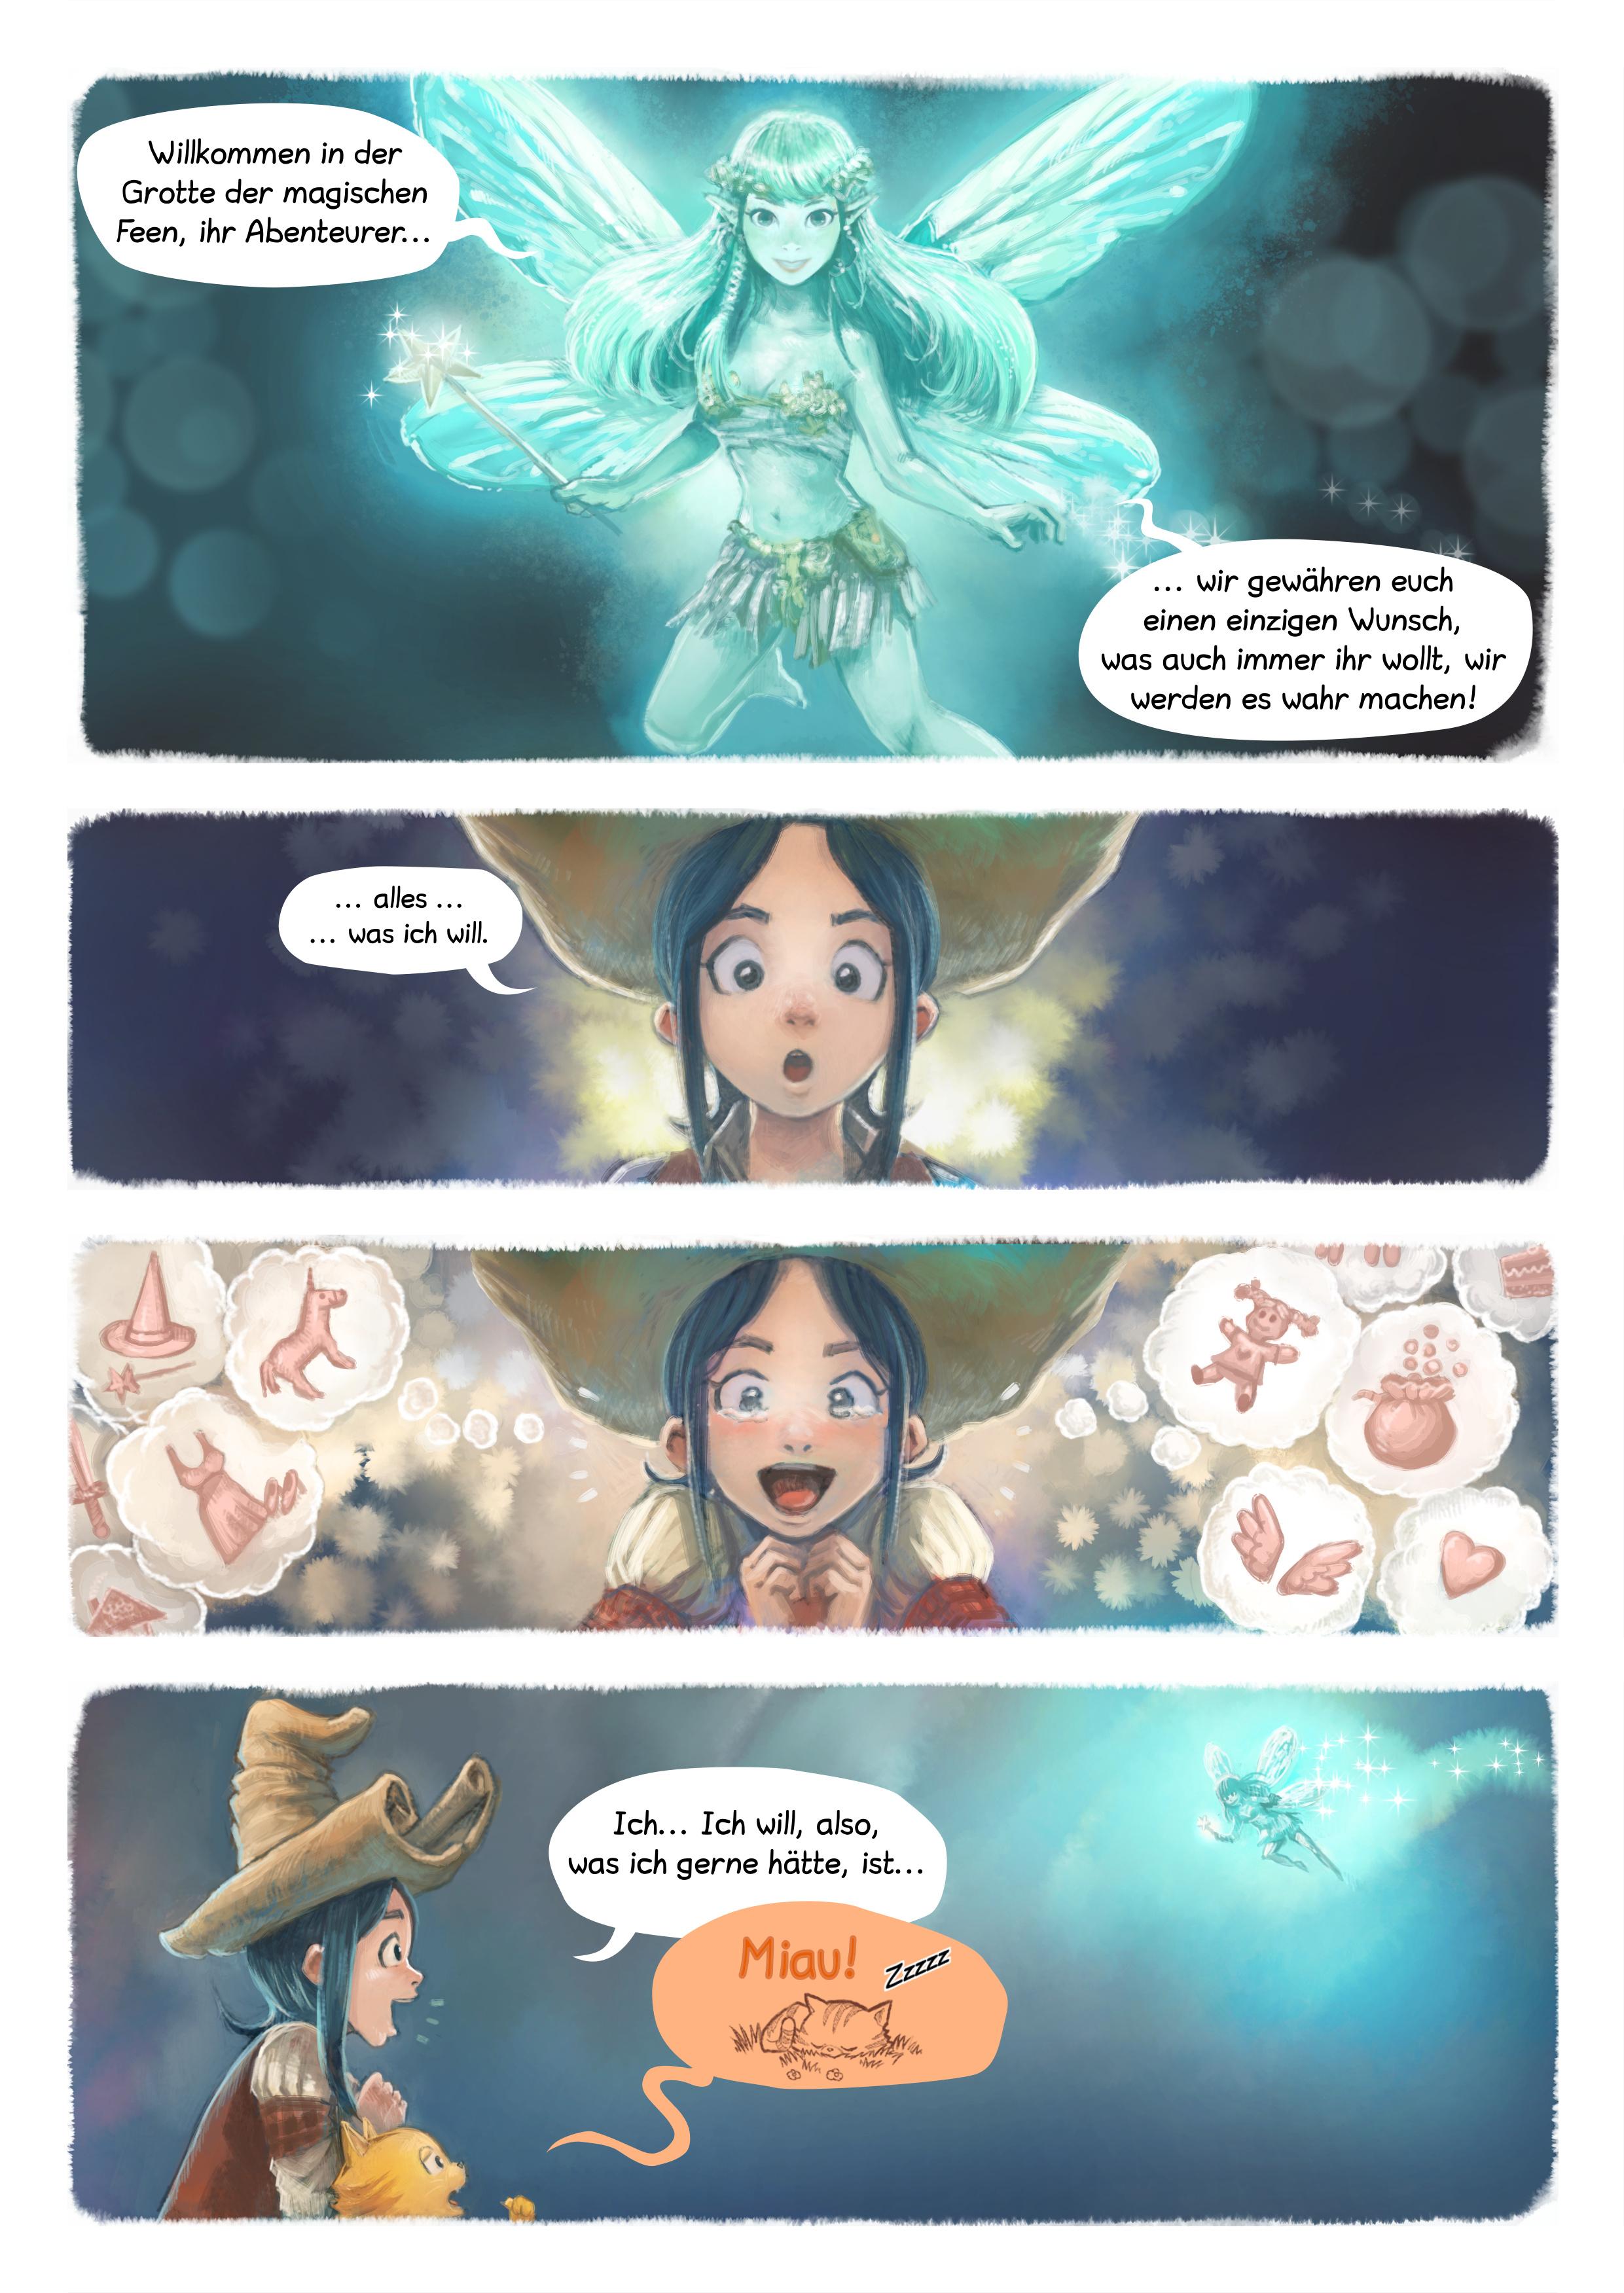 Episode 7: Der Wunsch, Page 4